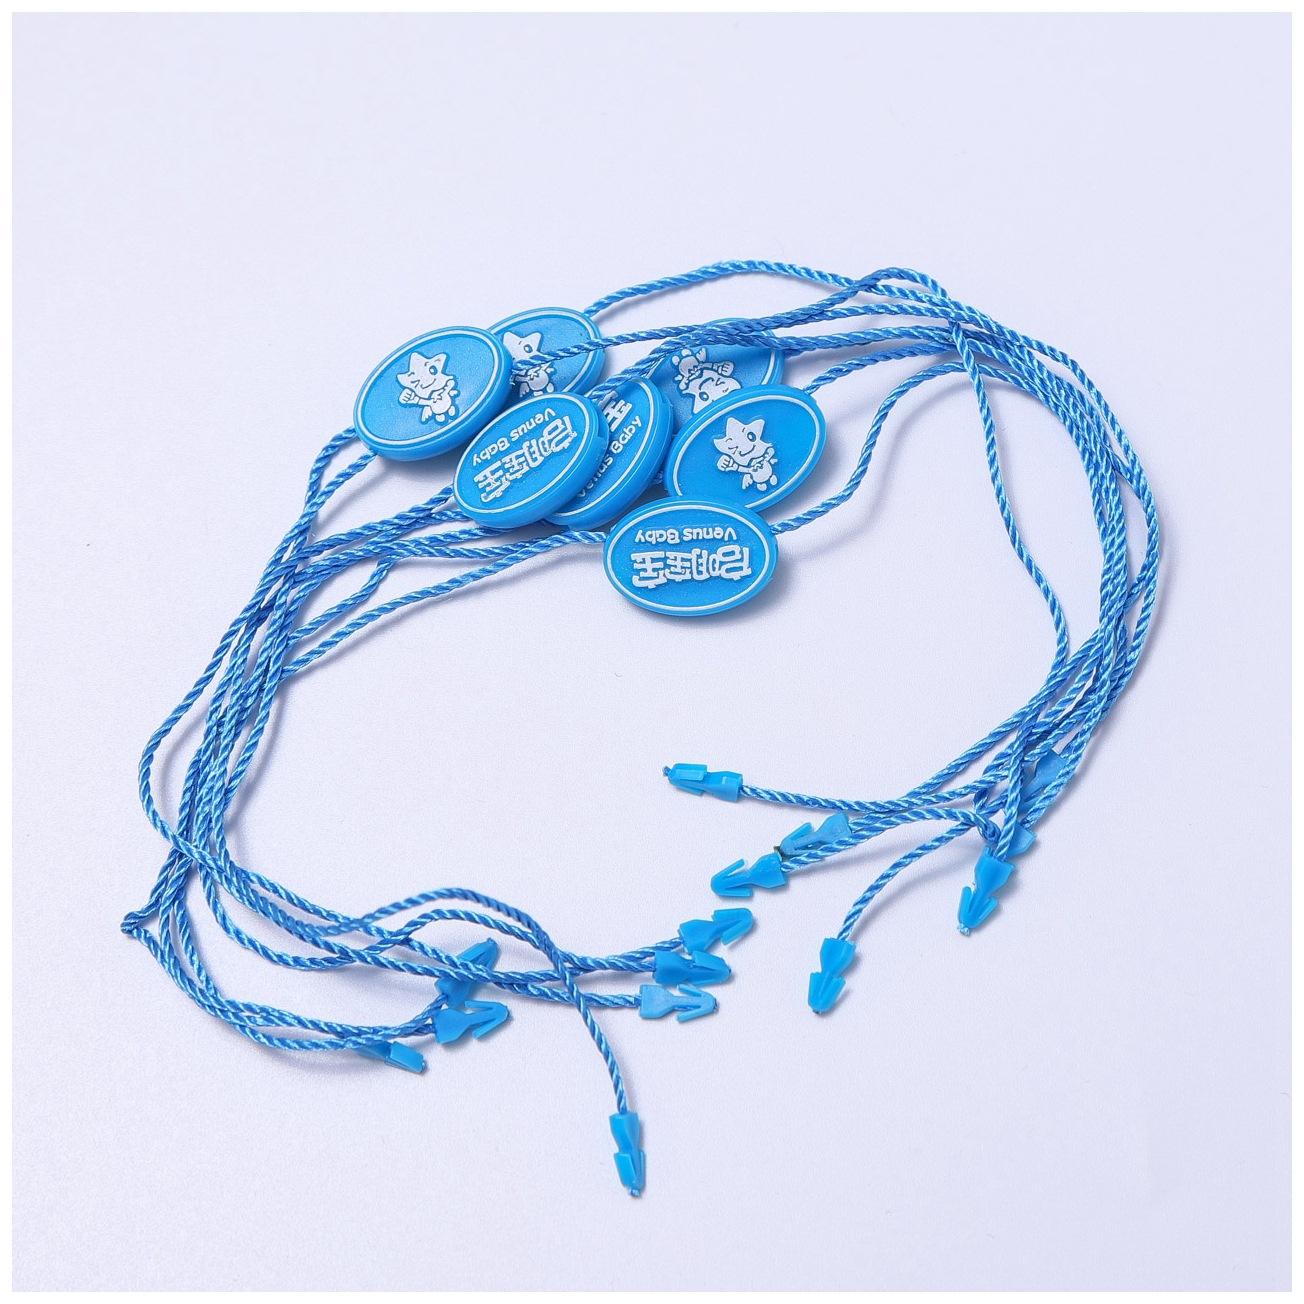 WEIZUO dây đeo Nhà sản xuất chuyên nghiệp tùy chỉnh dây tay đôi chèn nhựa treo hạt quần áo phụ kiện